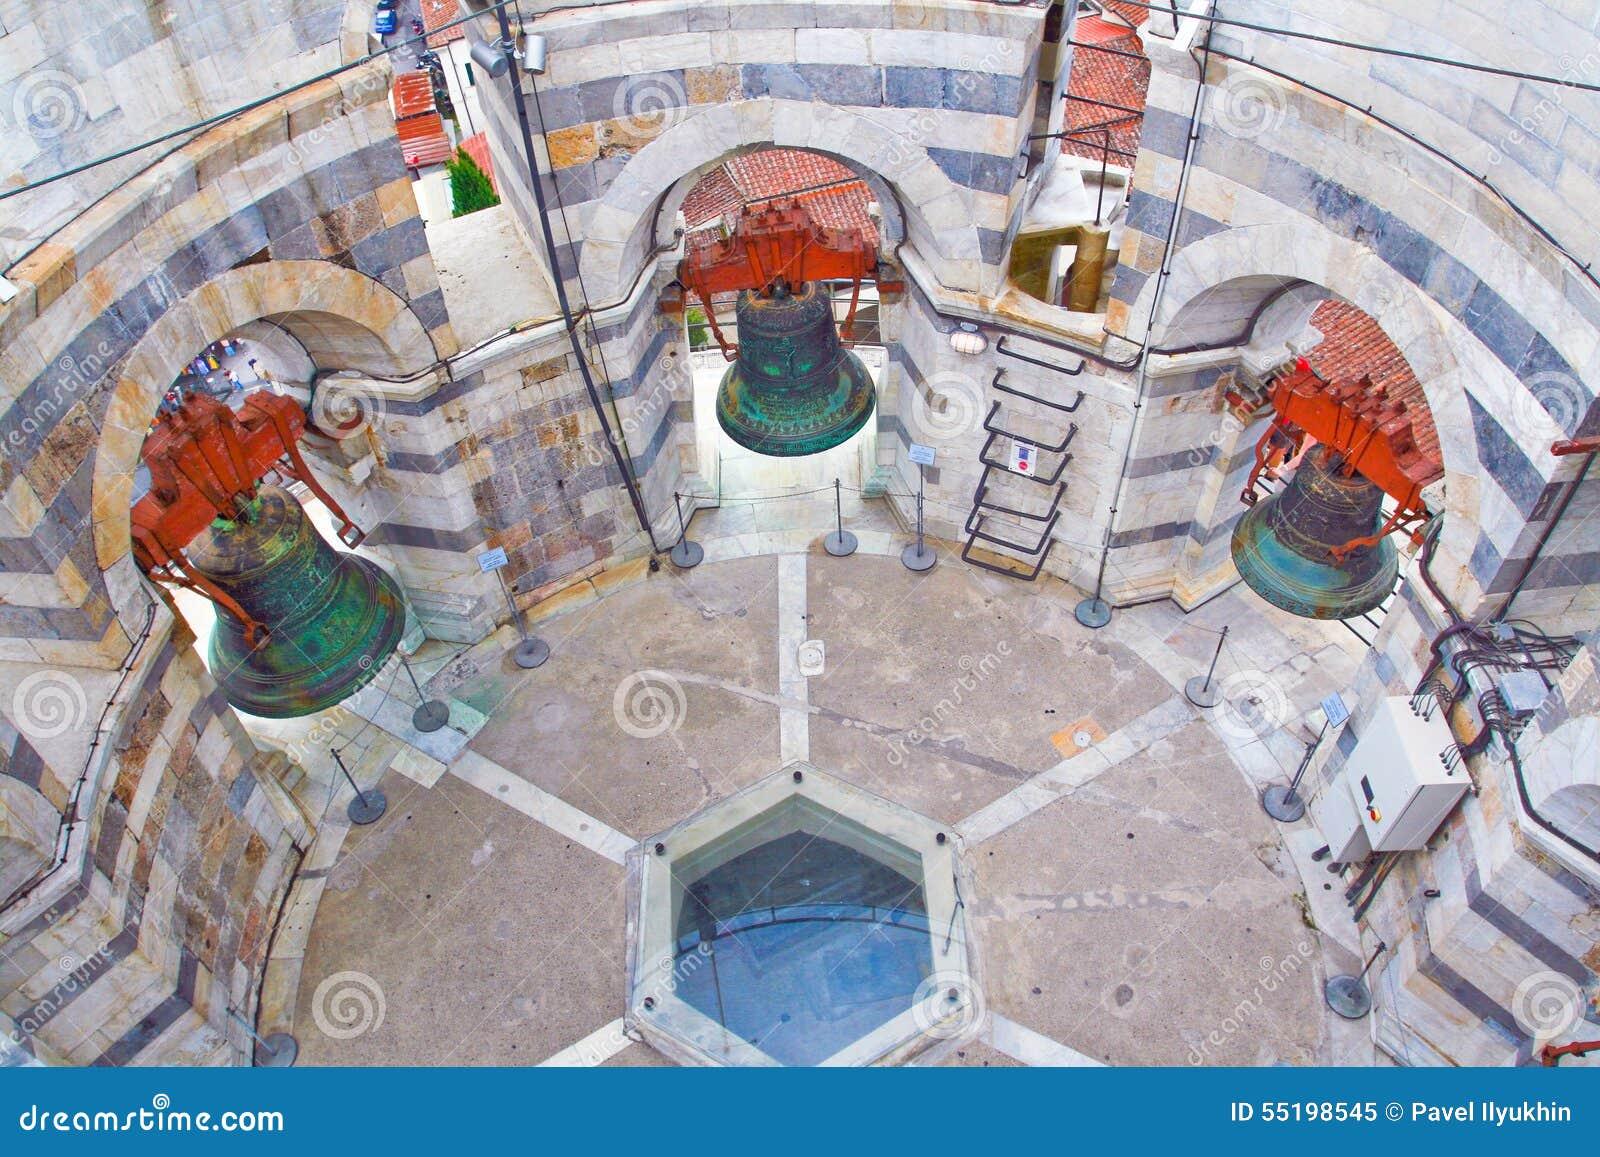 L 39 int rieur de la tour pench e de pise photo stock image 55198545 - Tour de pise interieur ...